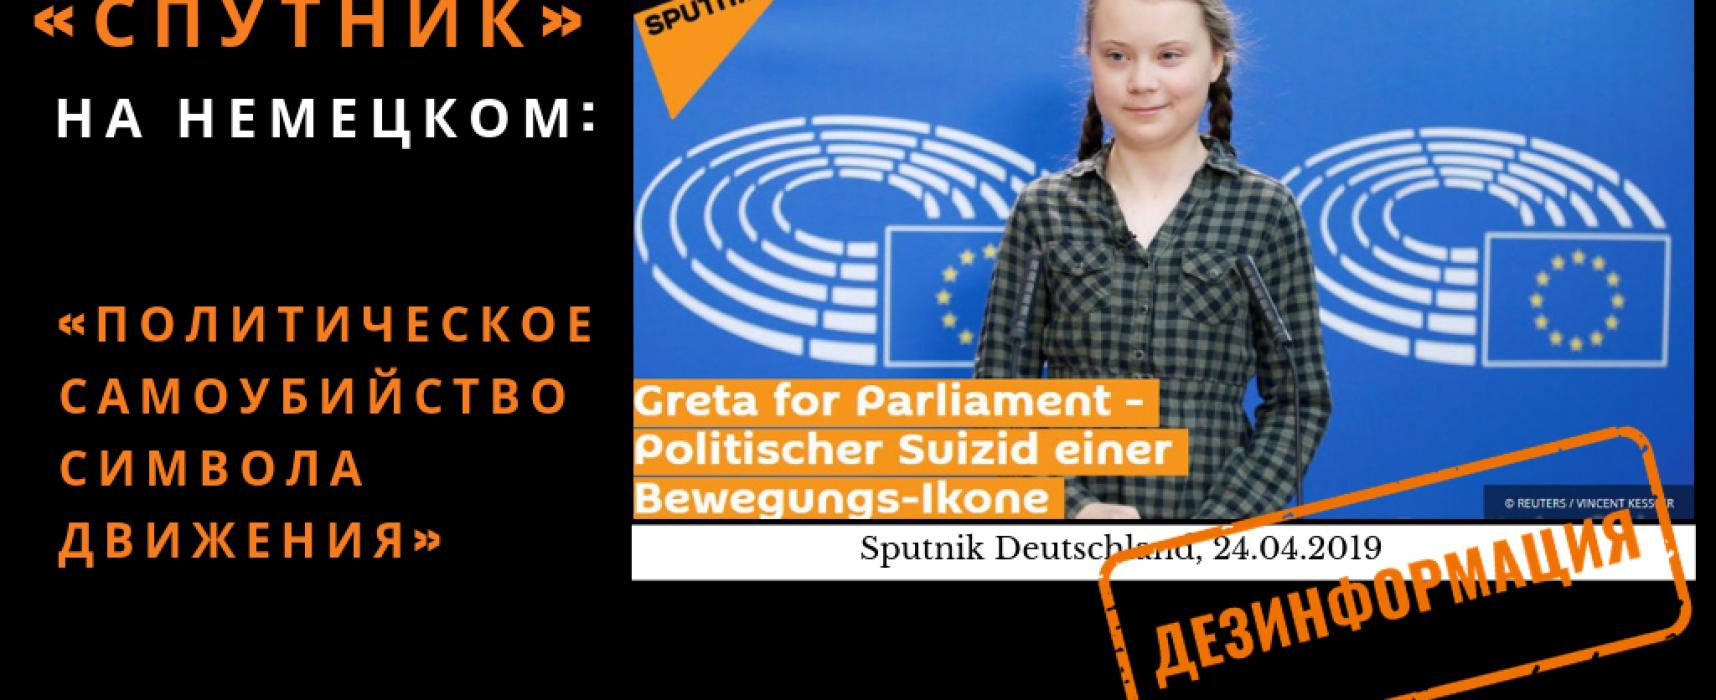 Więcej wątpliwości, mniej informacji: nowe trendy w kampanii dezinformacyjnej przeciwko UE